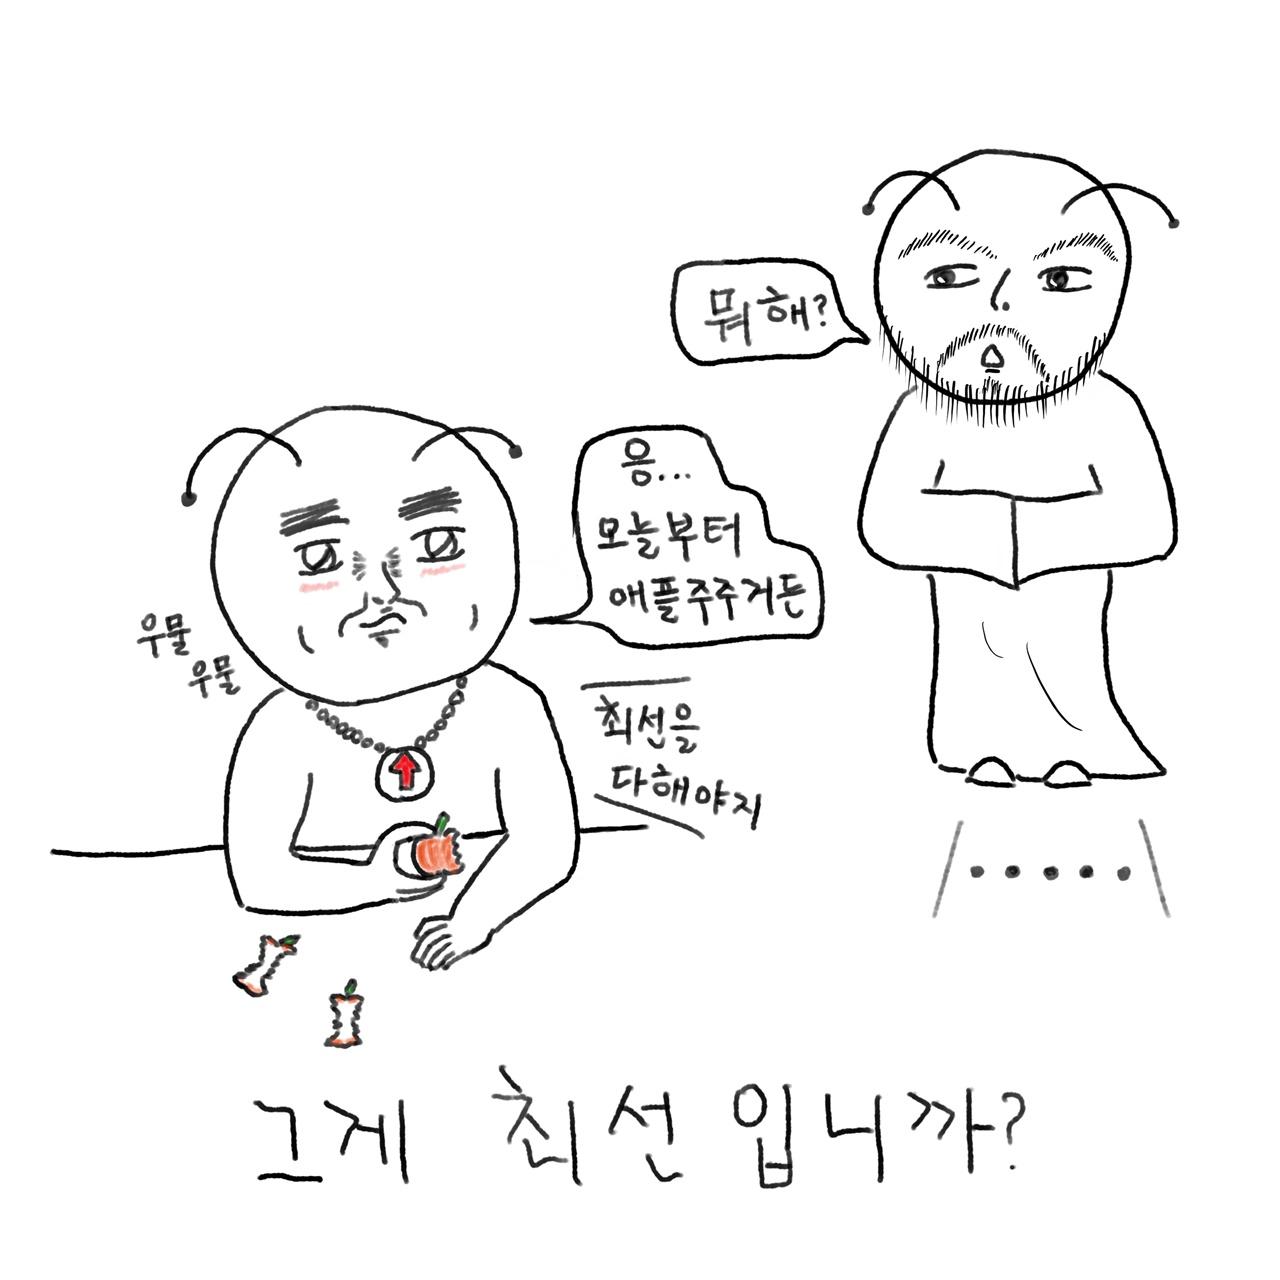 애플주주의 이상한 공헌